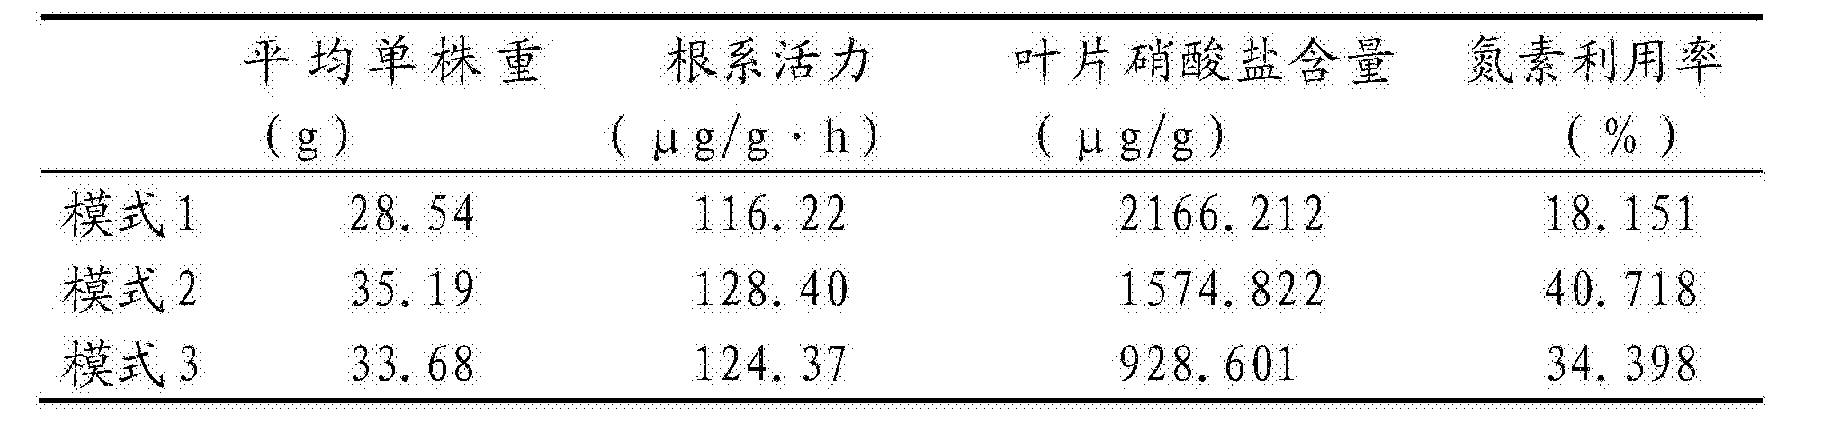 Figure CN104756841BD00111